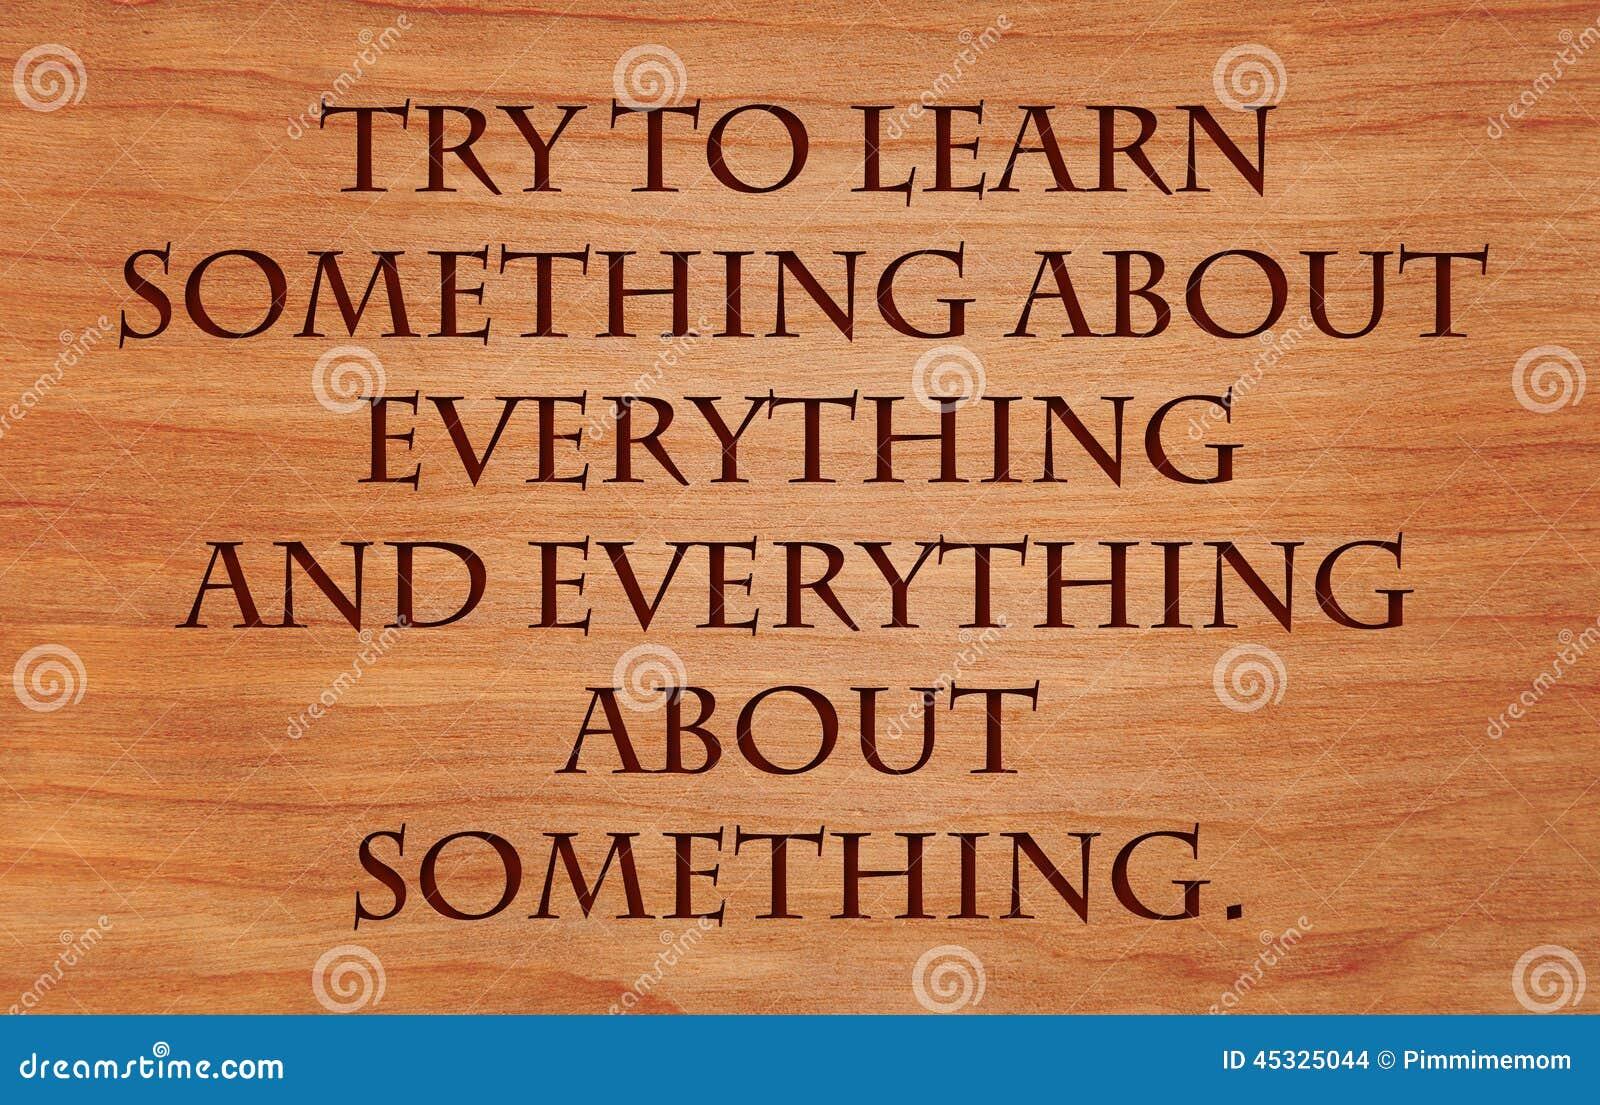 Intente aprender algo sobre todo